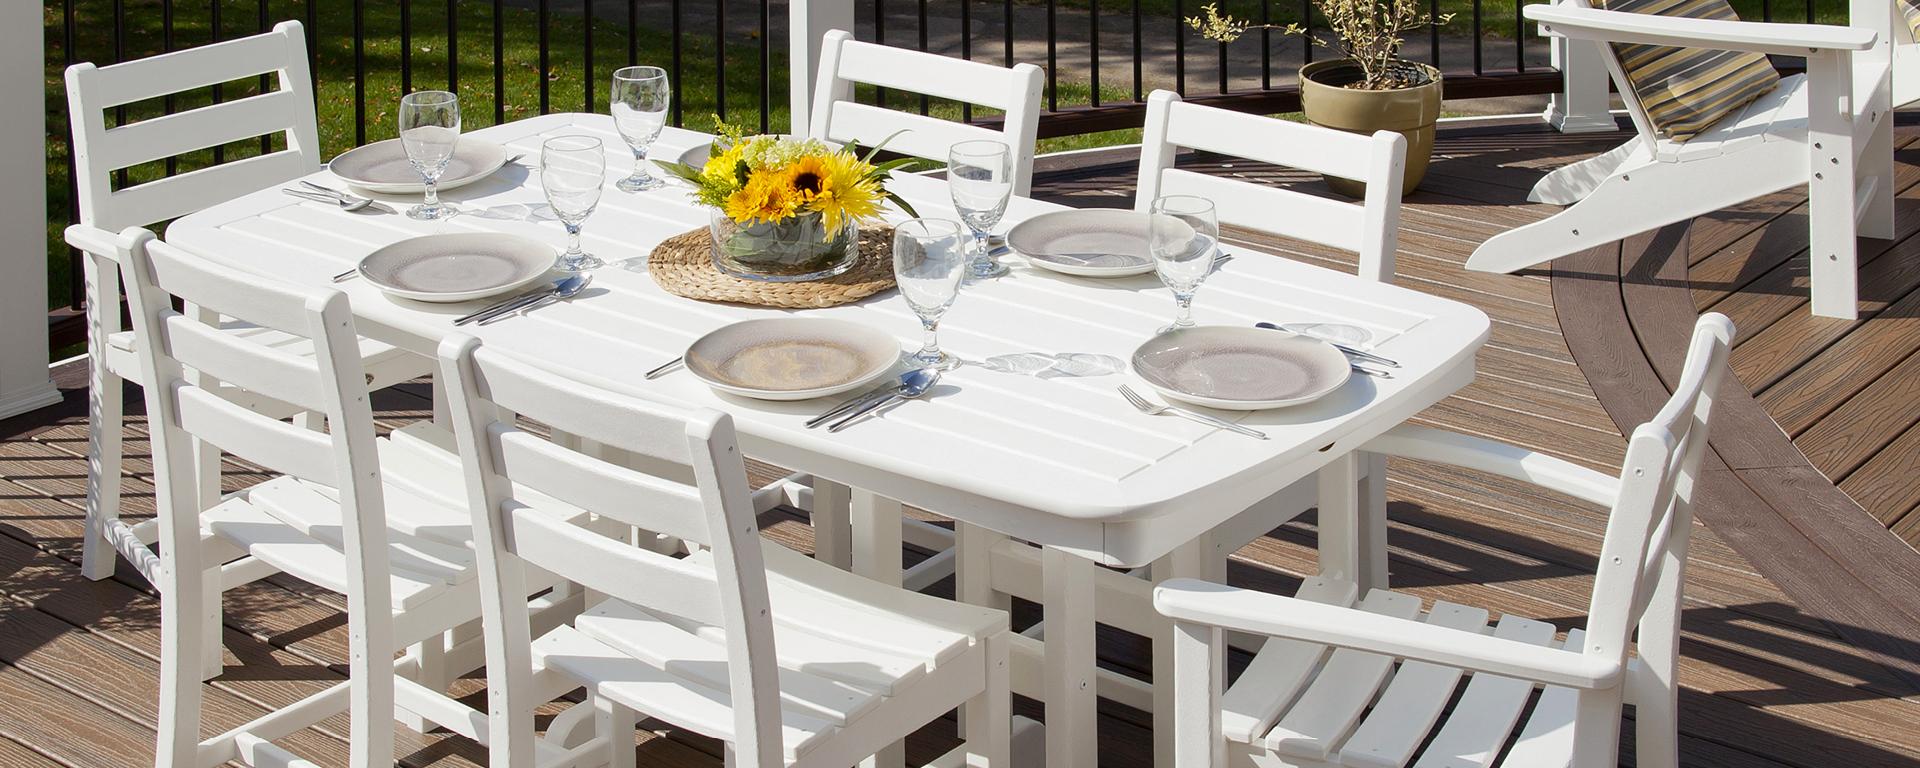 Prep Your Patio for Springtime - Living Outdoors